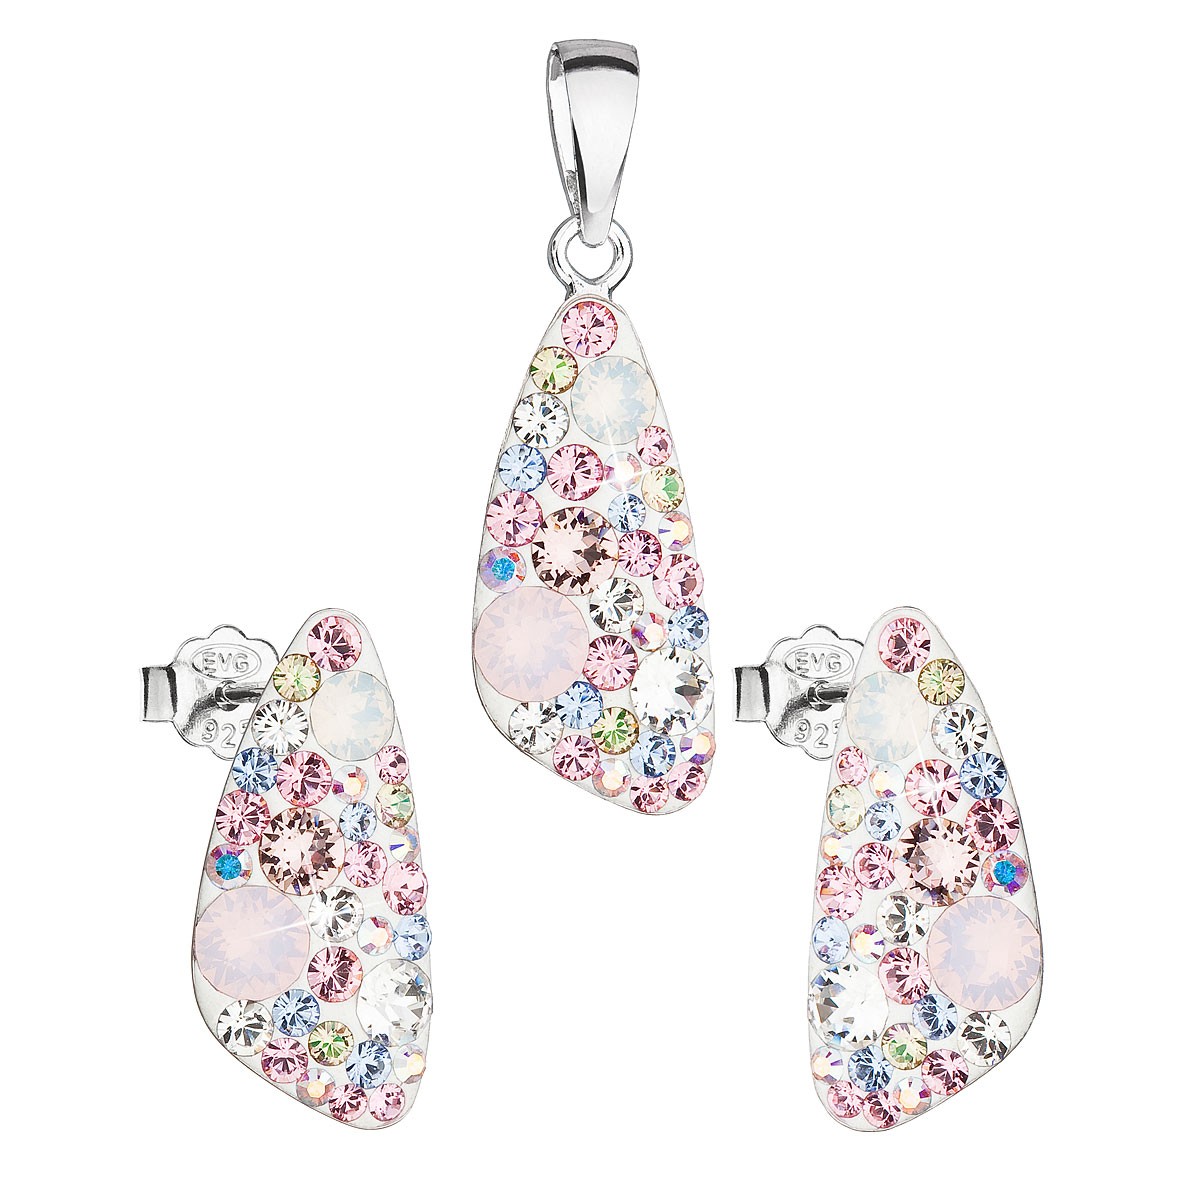 Evolution Group Sada šperků s krystaly Swarovski náušnice a přívěsek mix  barev růžový 39167.3 magic rose da1735d86b0